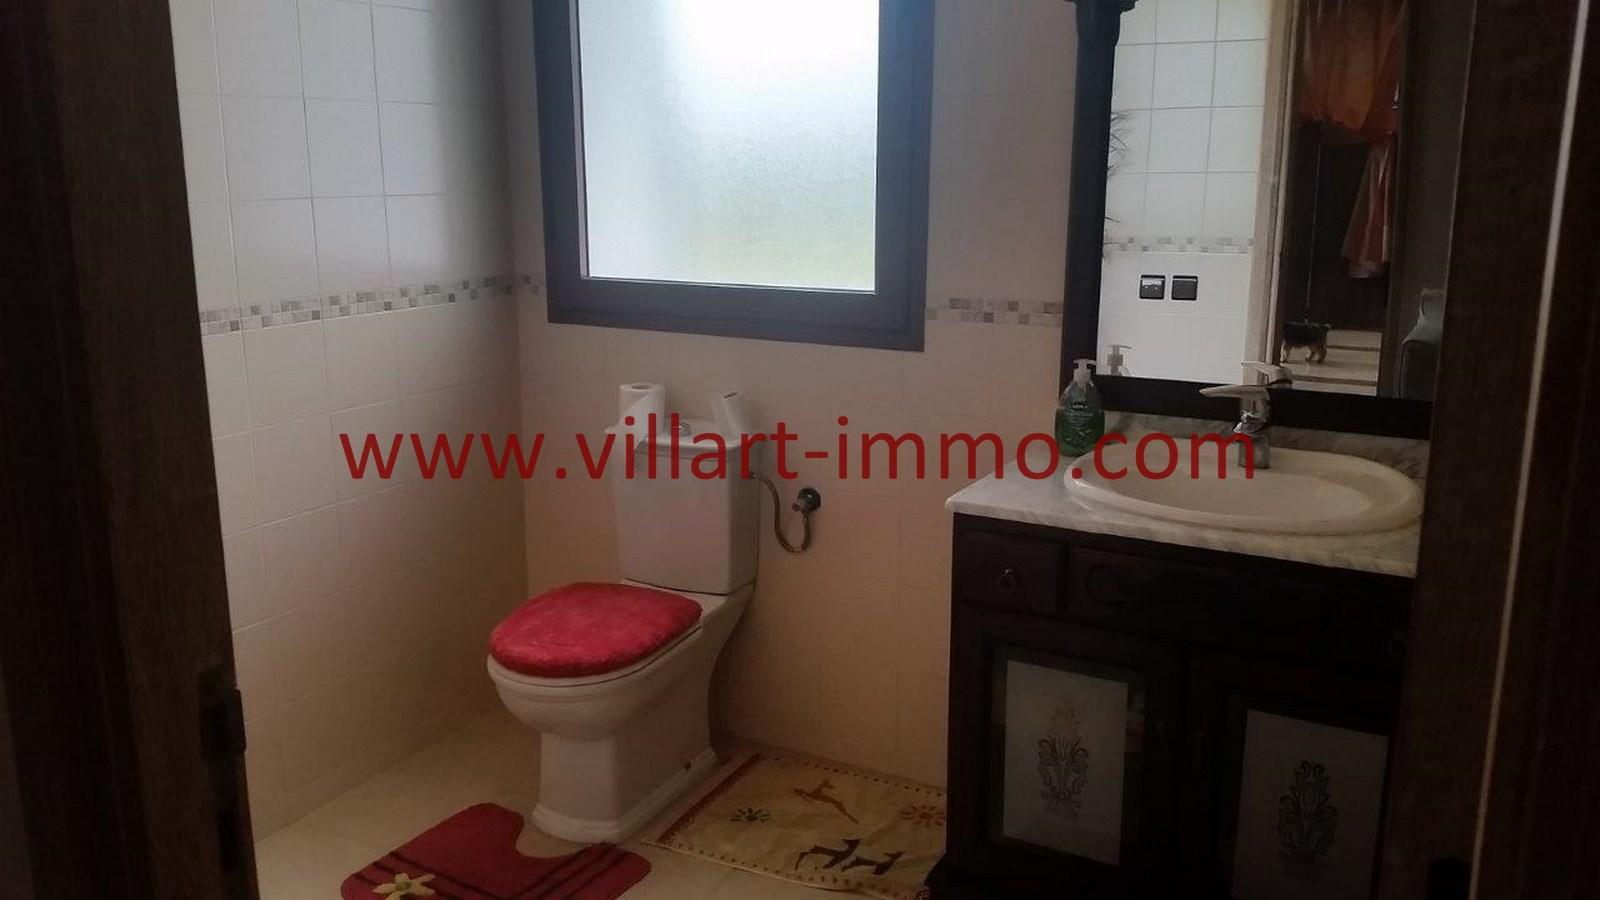 10-a-louer-villa-meublee-tanger-achakar-salle-de-bain-2-lsat914-villart-immo